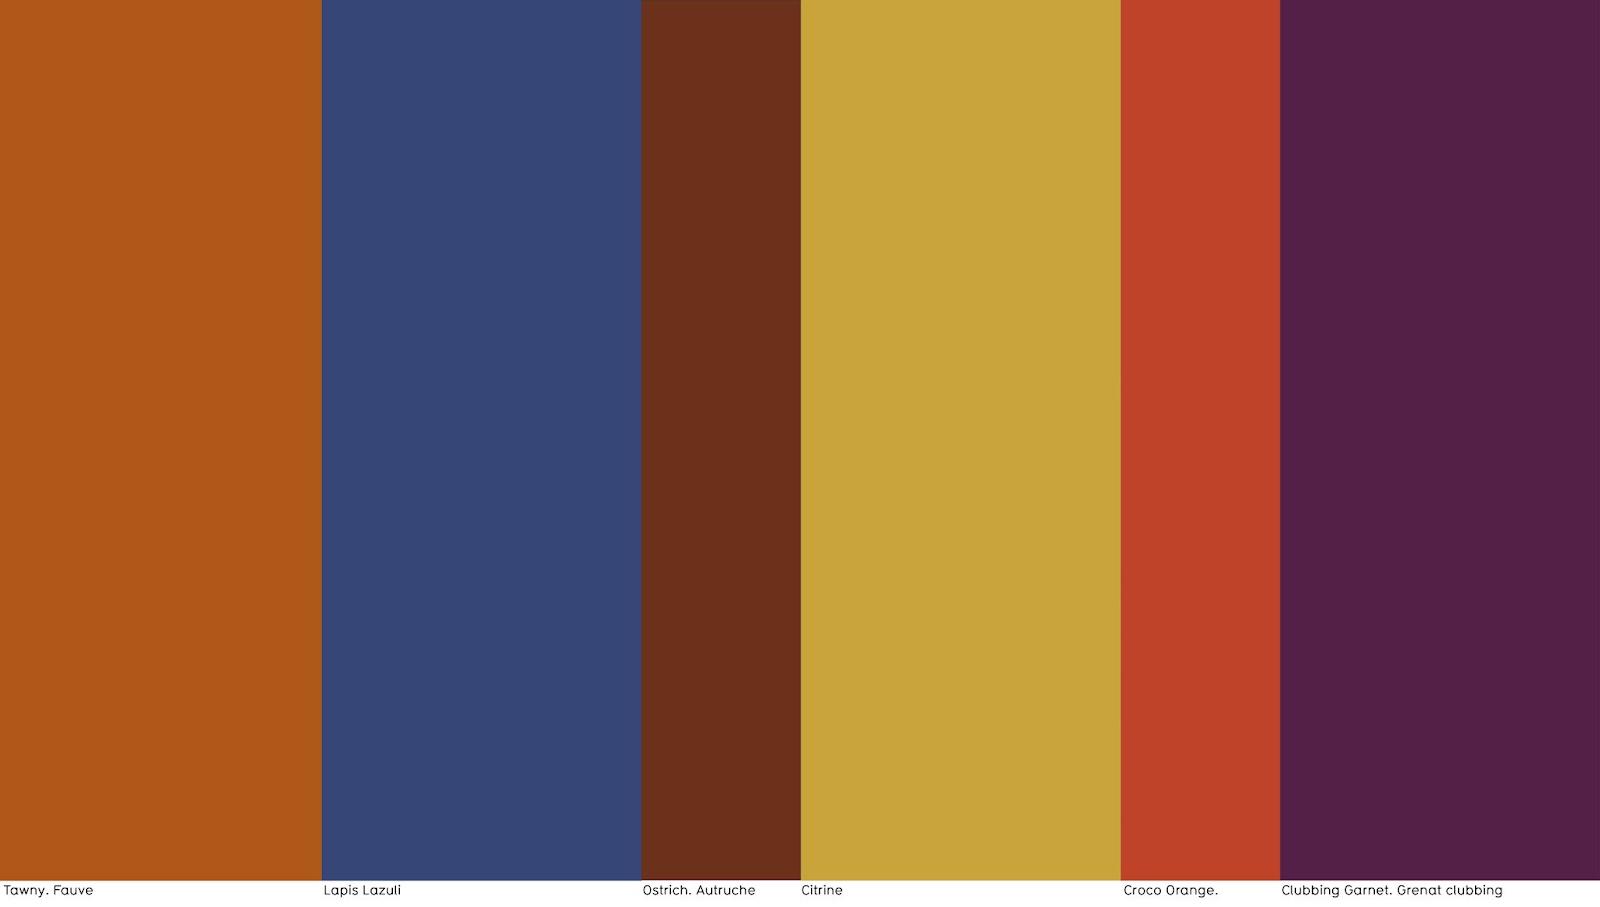 Colores tendencia oto o invierno 2017 2018 klase y for Decoracion otono invierno 2017